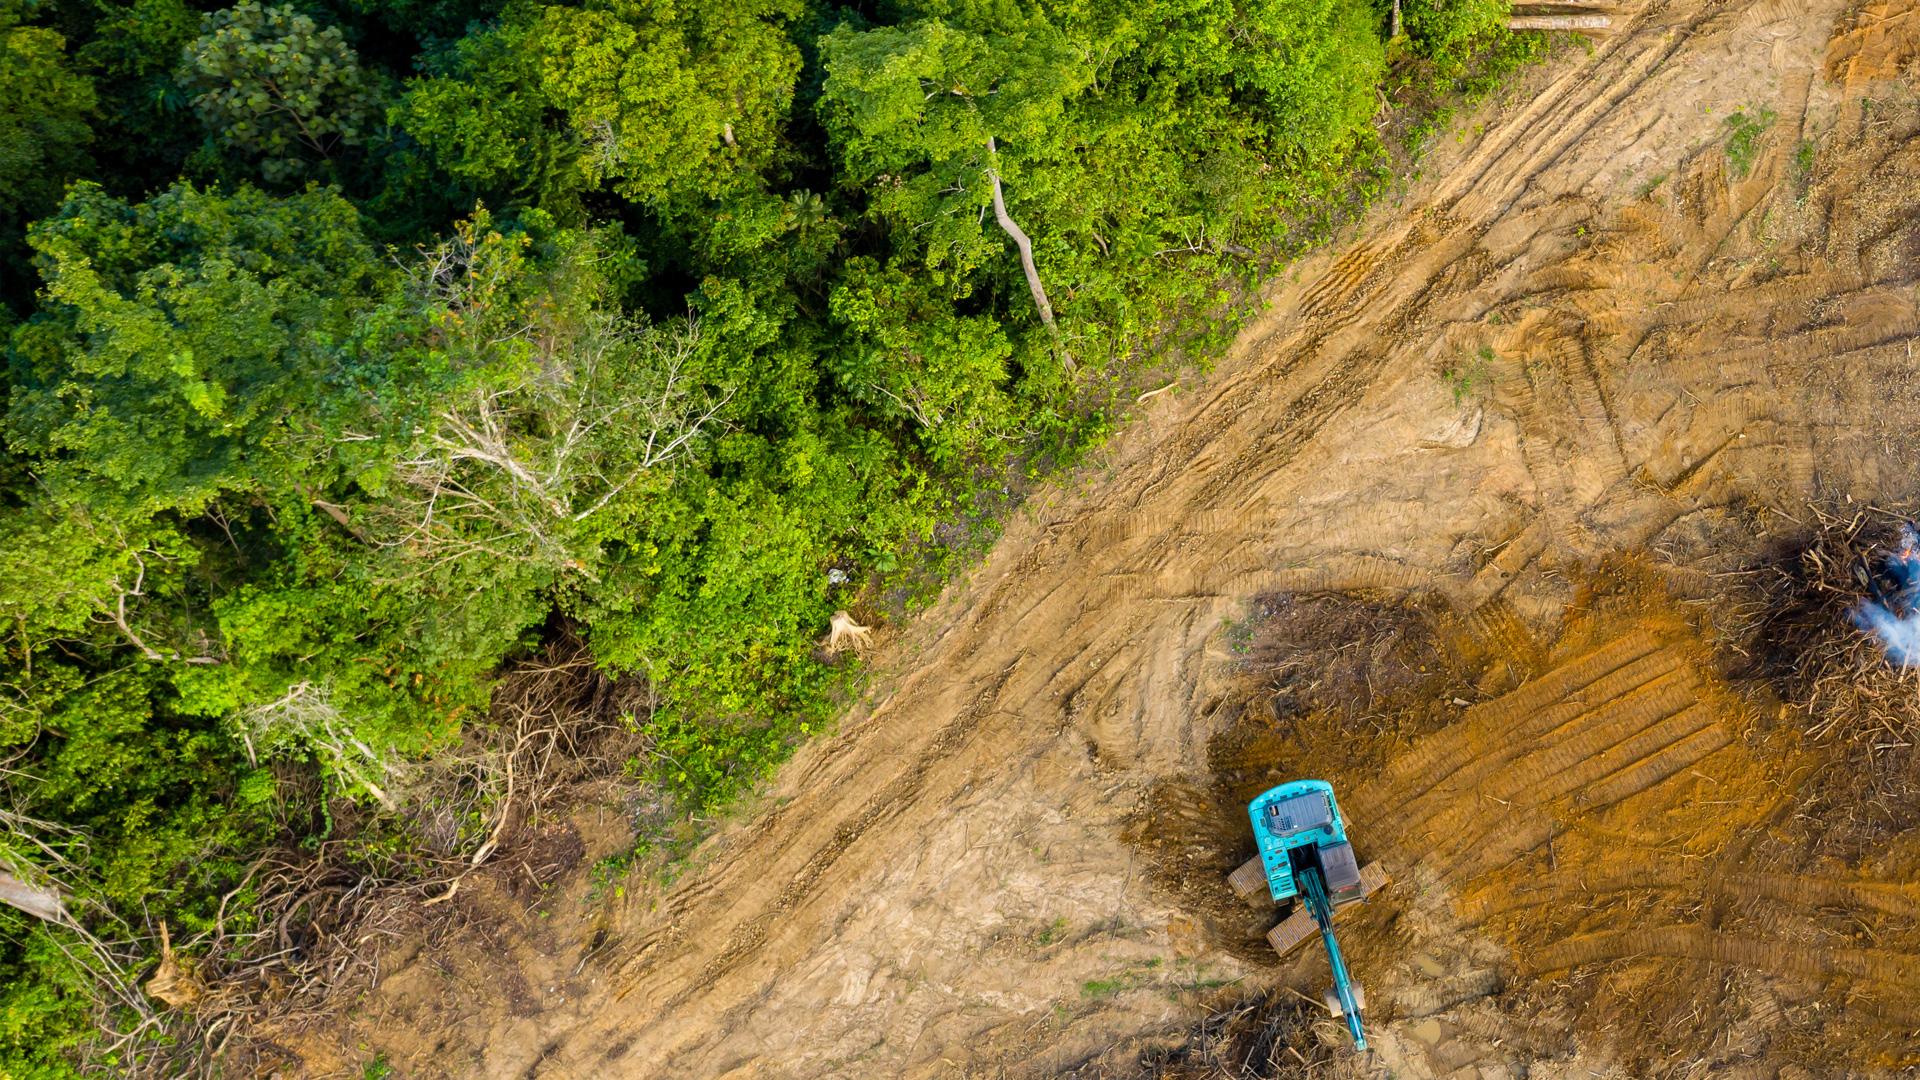 Analiza investigación CIDE herramientas legales de movimientos ambientalistas en México y Brasil